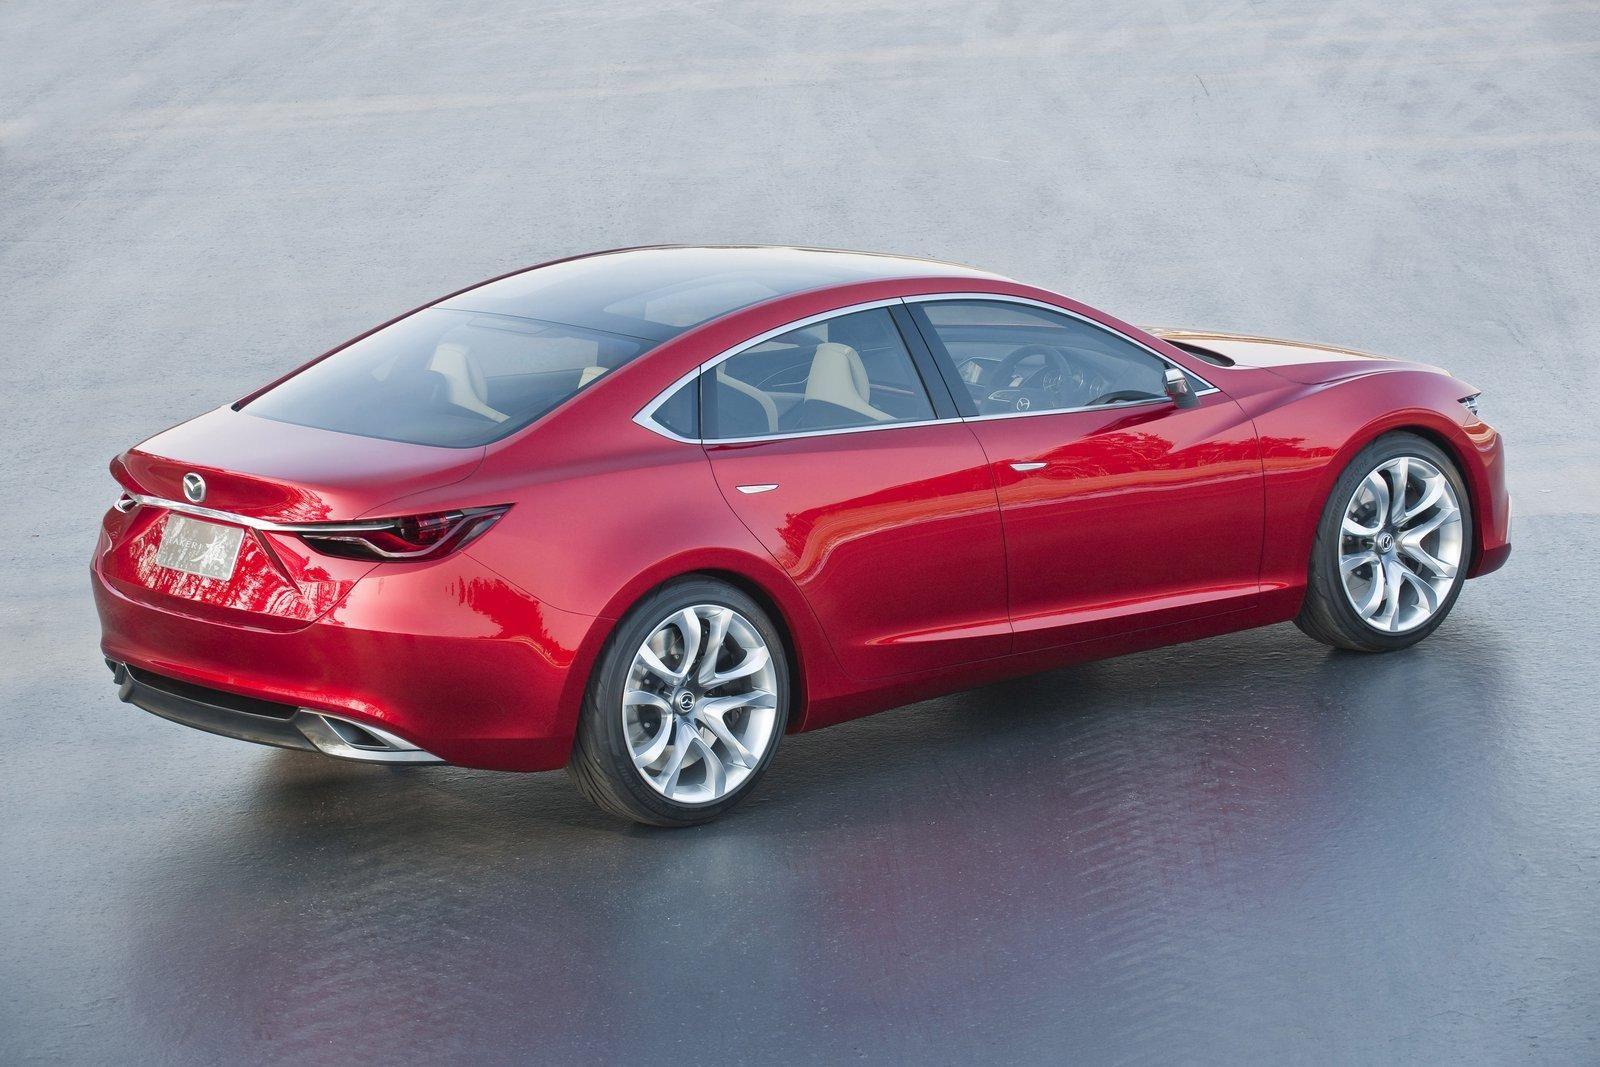 2014 Mazda Maxda6 Mazda, Mazda 6, New cars